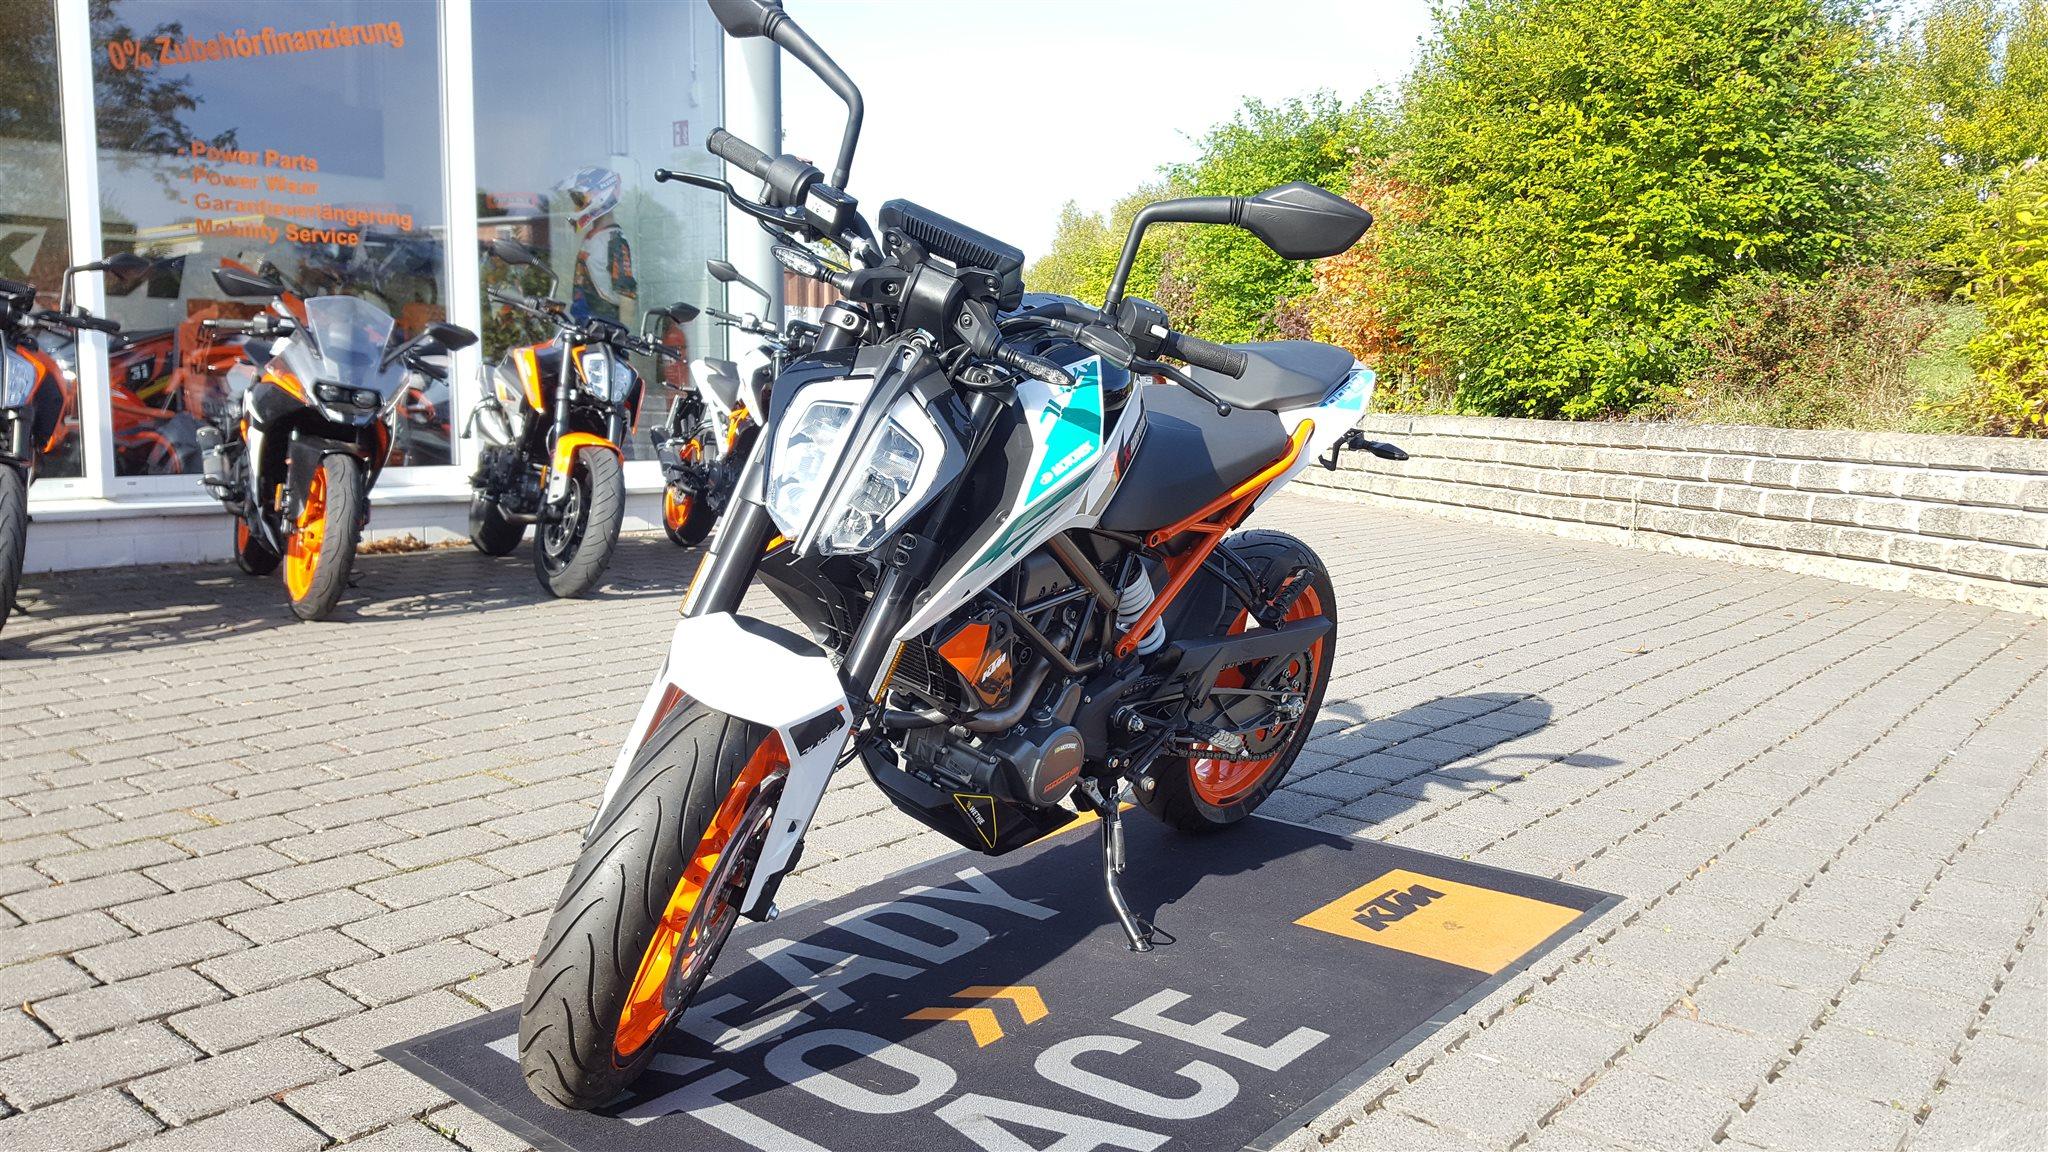 umgebautes motorrad ktm 125 duke von biker s point fuchs. Black Bedroom Furniture Sets. Home Design Ideas